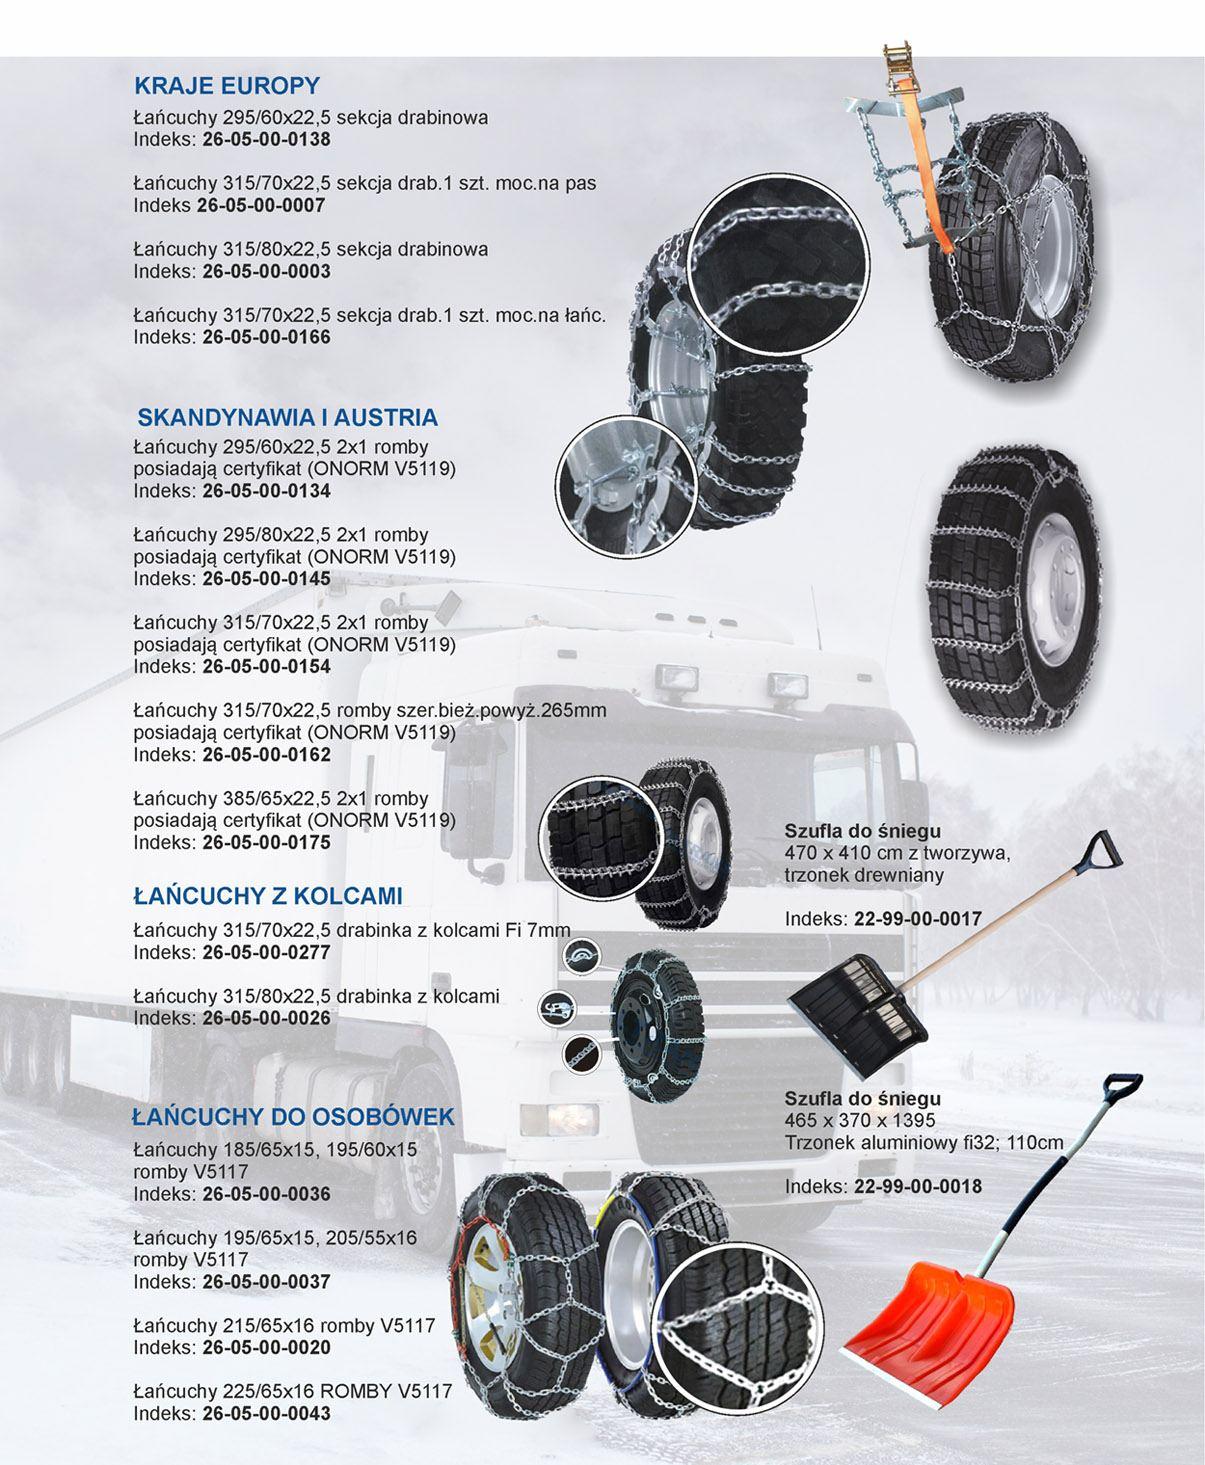 Łańcuchy śniegowe, szufle i łopaty oferta